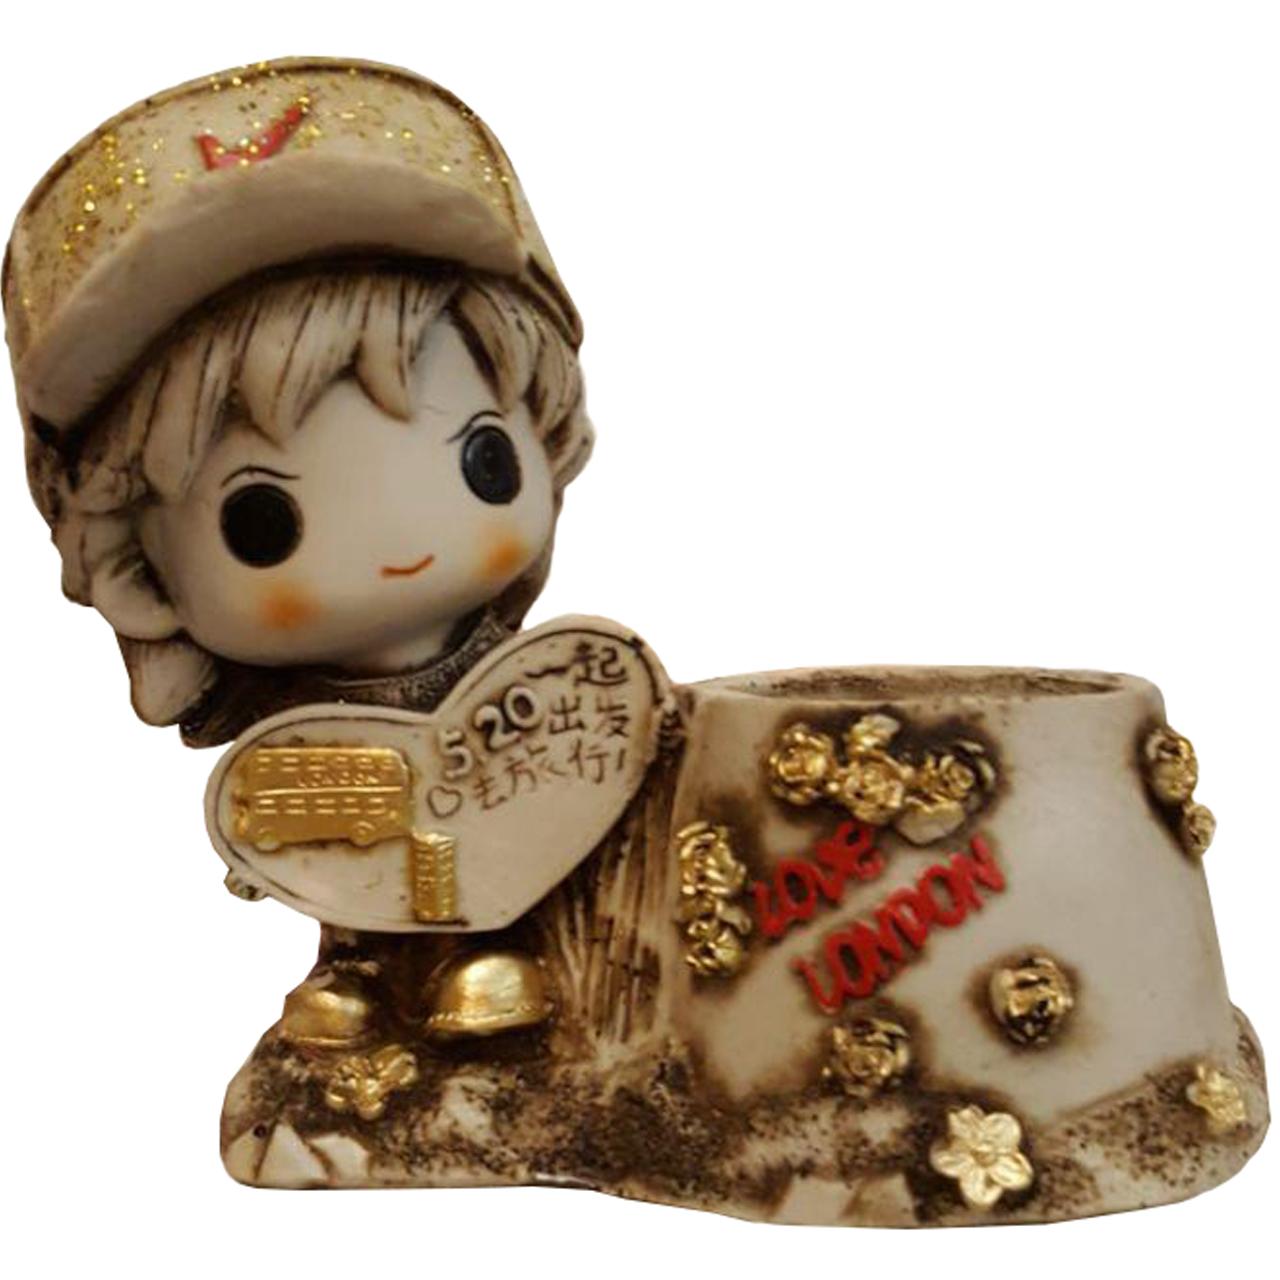 جامدادی رومیزی لیلپار طرح پسر تابلو فروش مدل DGA-2075